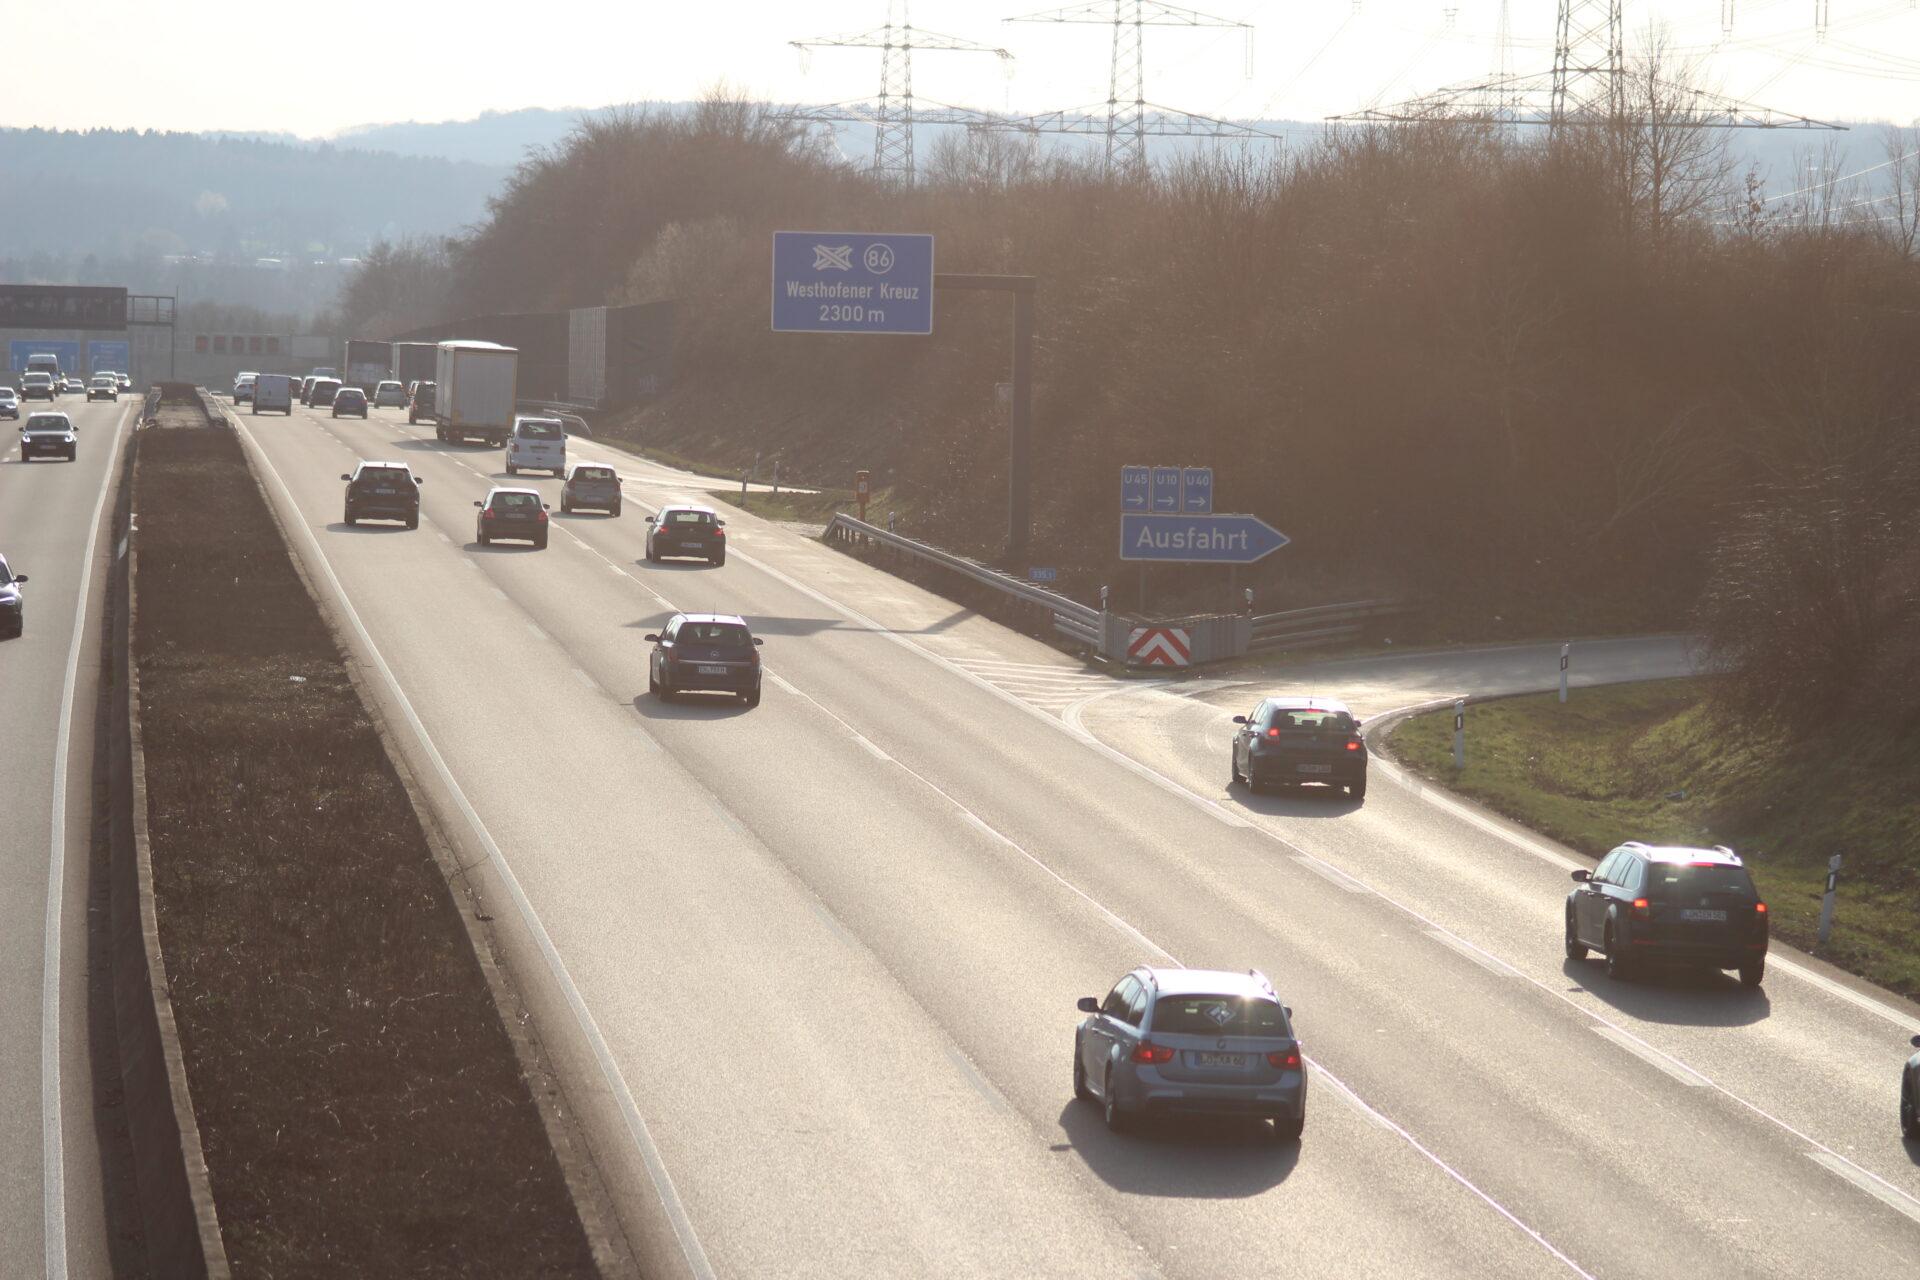 Nächtliche Sperrung im Autobahnkreuz Westhofen